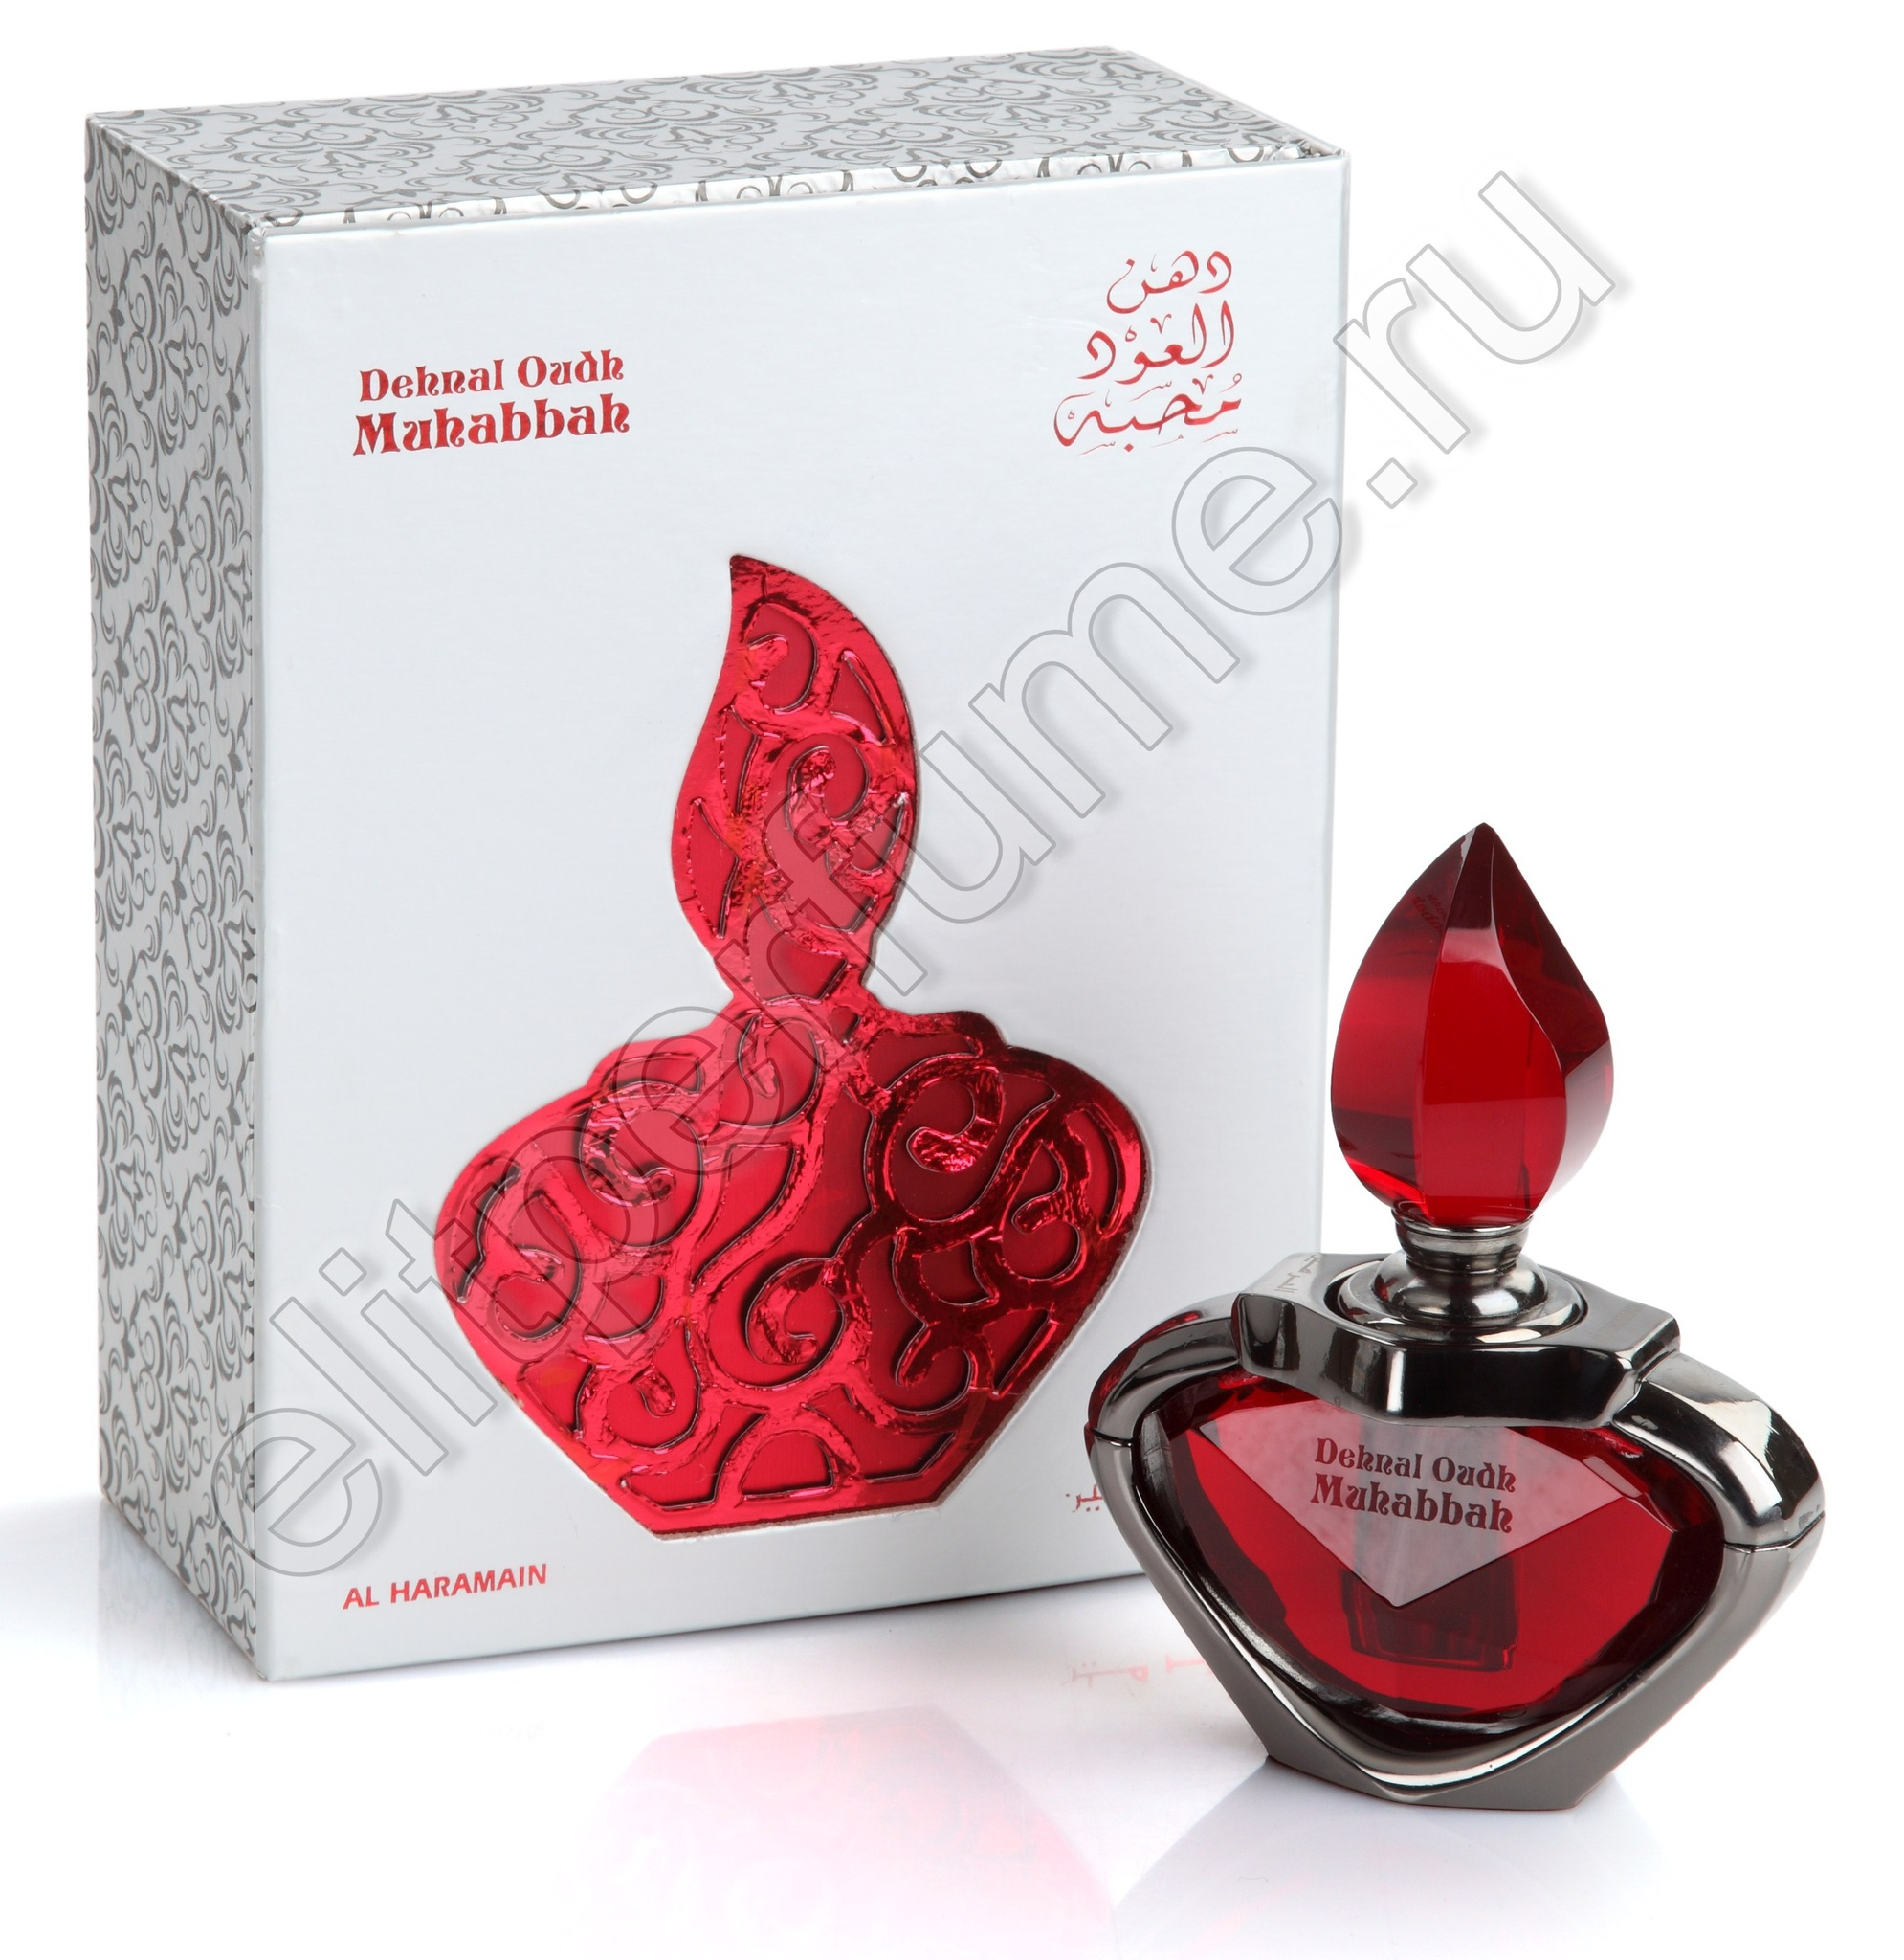 Денал Уд Махаба Dehnal Oudh Mahabbah 3 мл арабские масляные духи от Аль Харамайн Al Haramain Perfumes